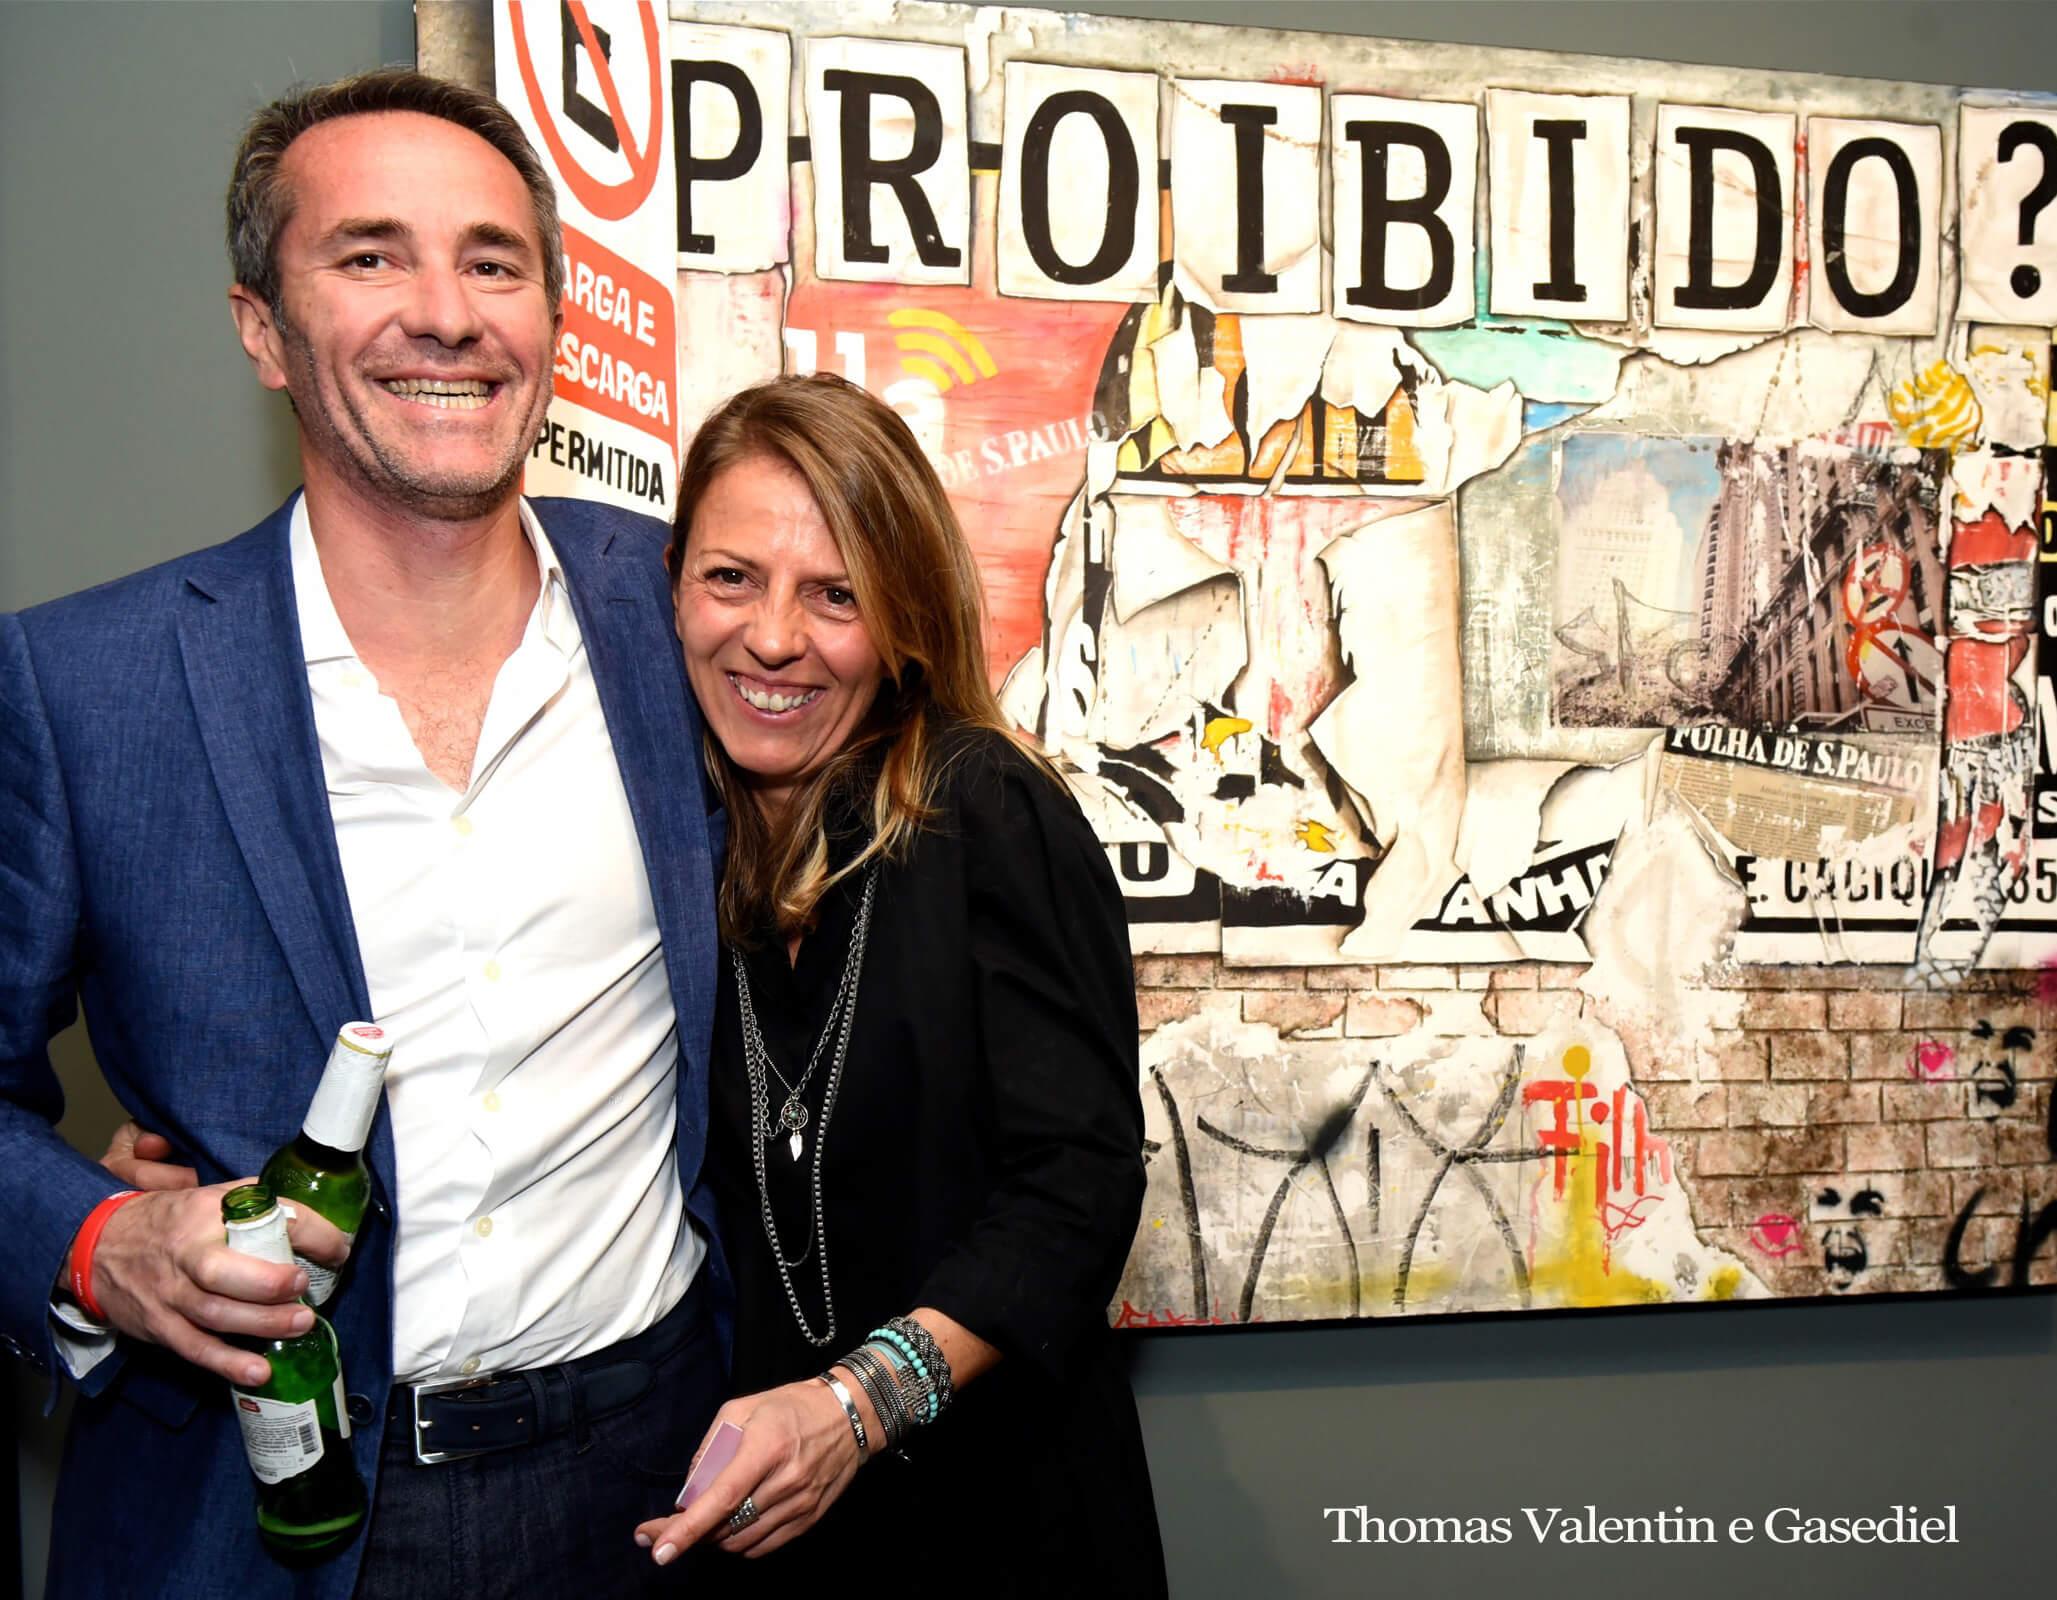 Thomas Valentin e esposa Gasediel-4